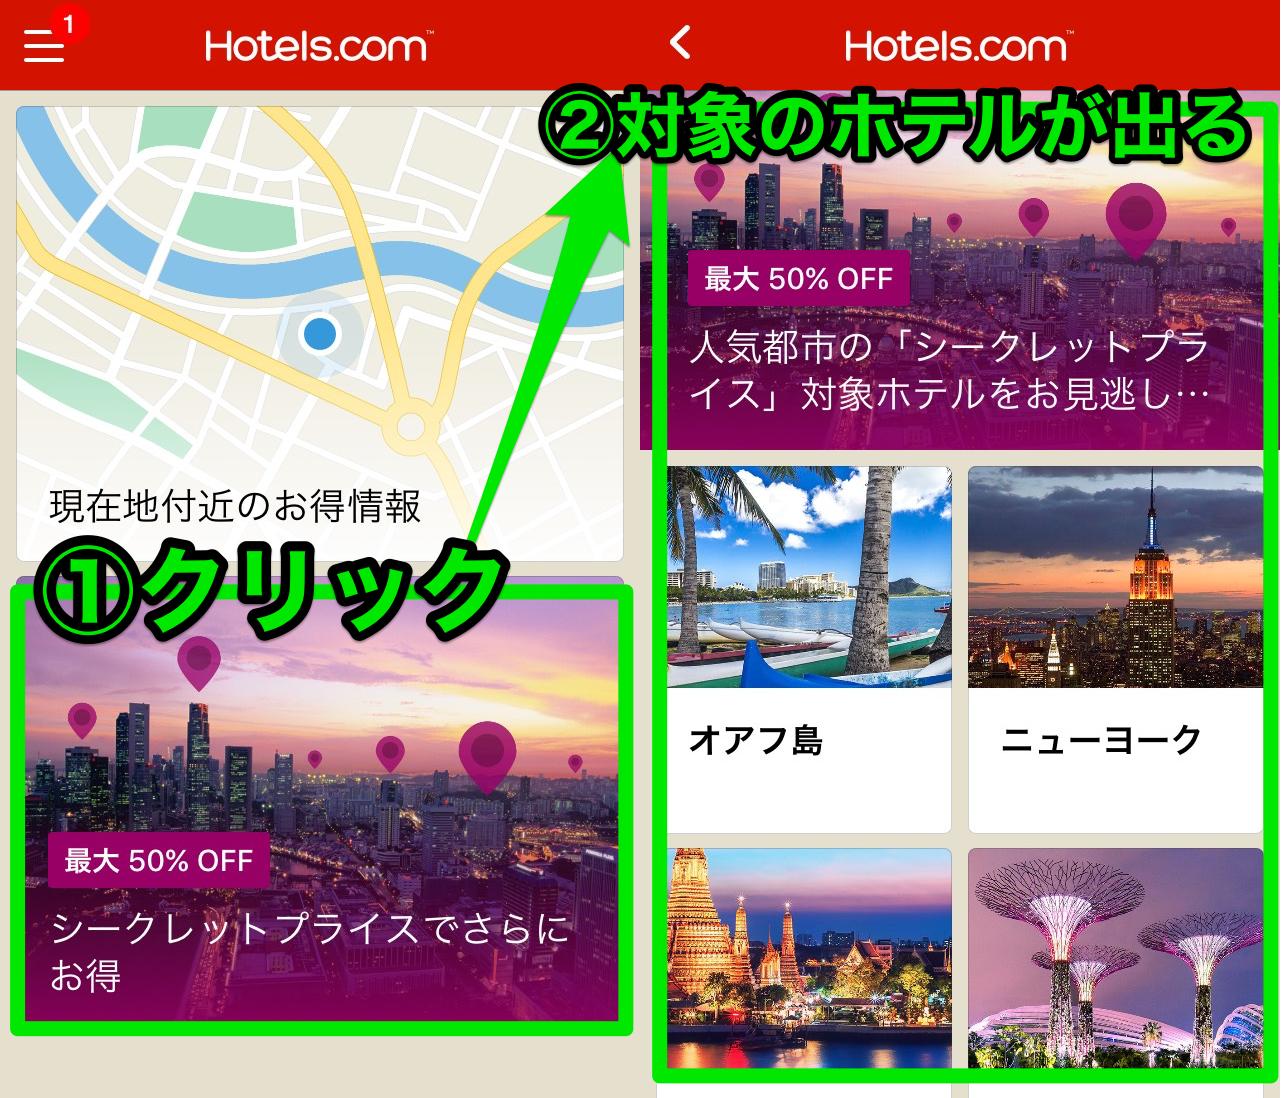 ホテルズドットコム(Hotels.com)アプリでホテルを検索